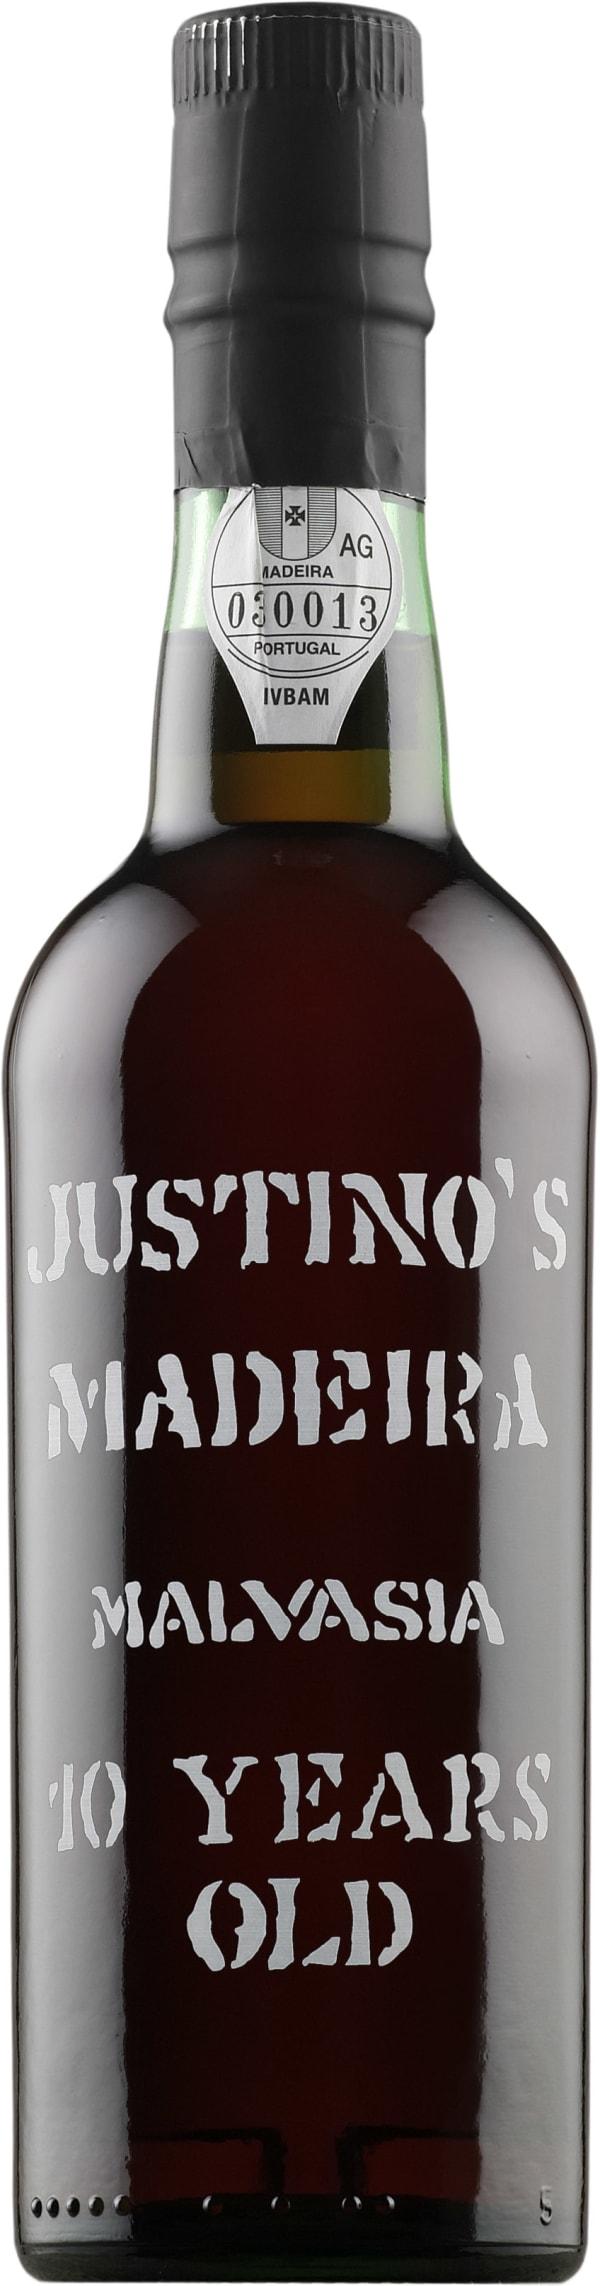 Justino's Malvasia 10 Years Old Madeira